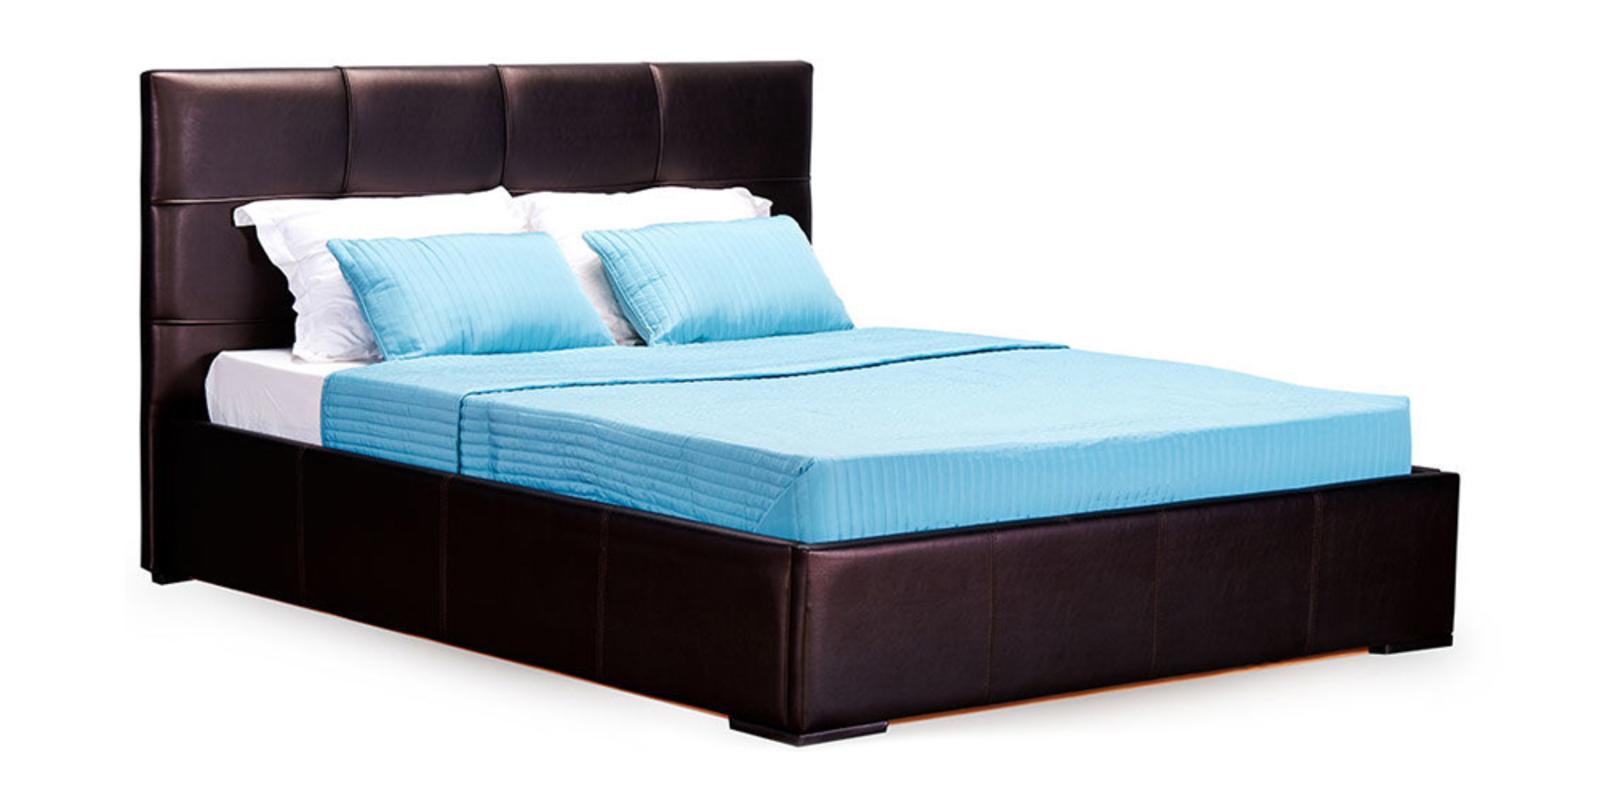 Кровать мягкая Лайф без подъемного механизма (Шоколад)